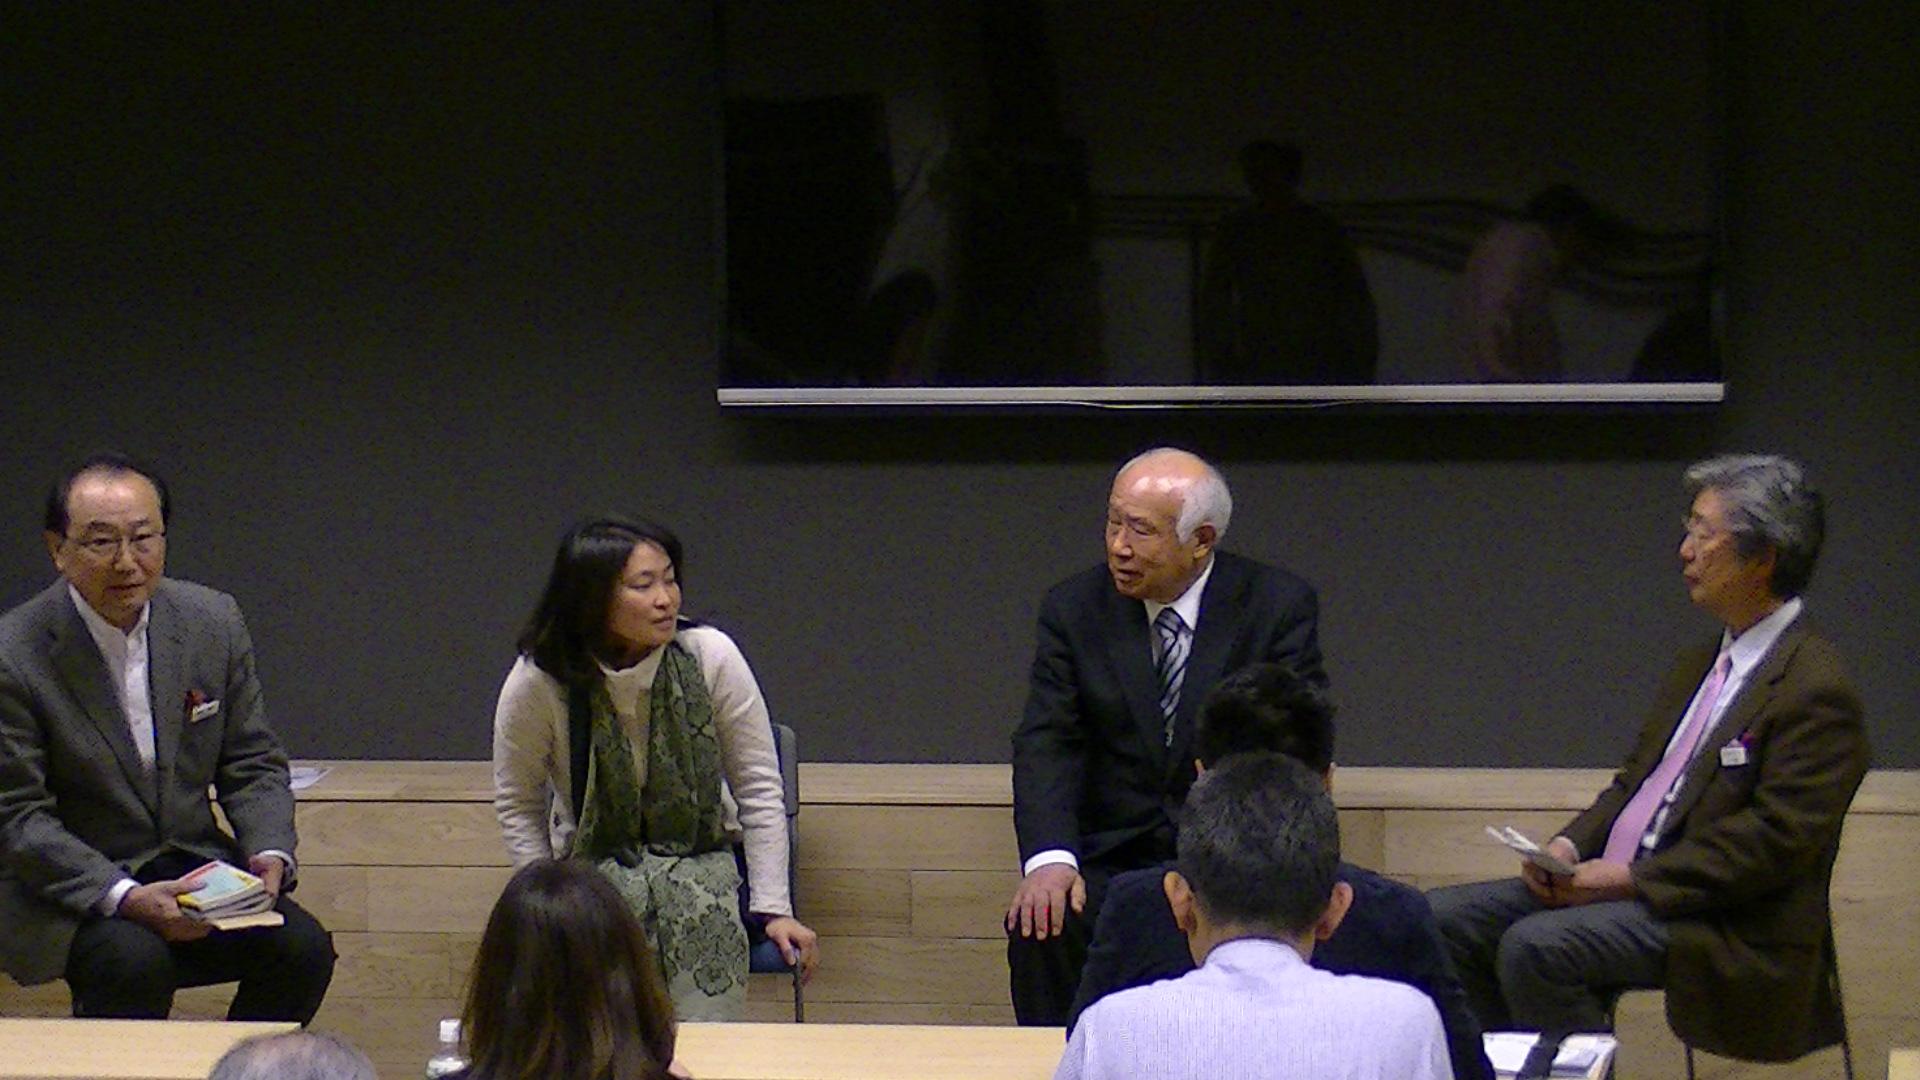 PIC 0537 1 - 平成30年度 東京思風塾 4月7日(土)「時代が問題をつくり、問題が人物をつくる」